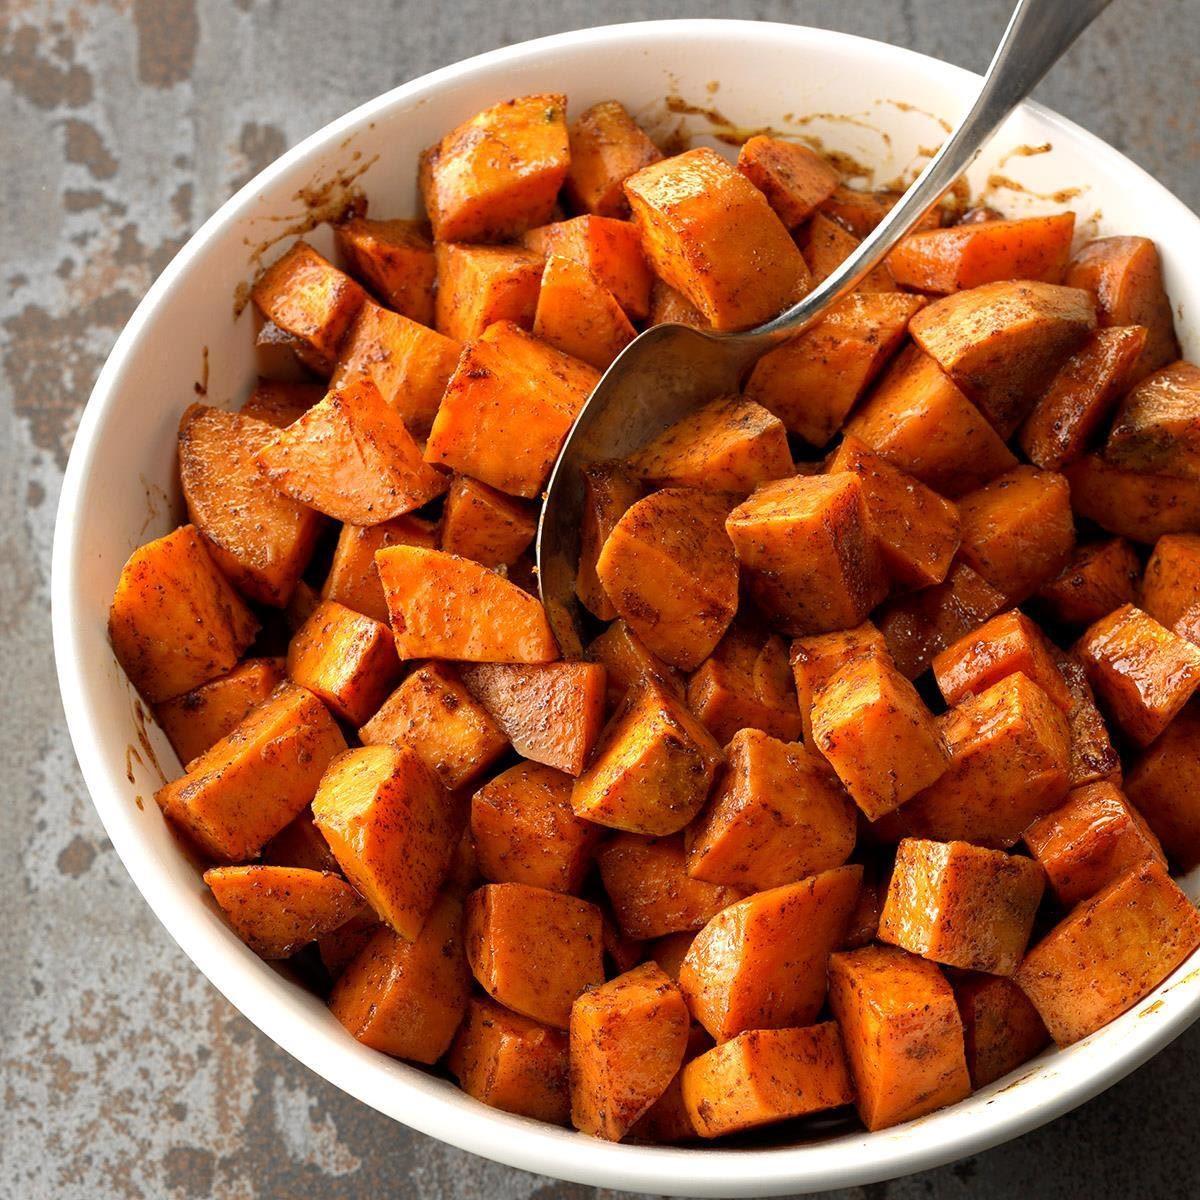 Les glucides des patates douces sont bons pour la santé.